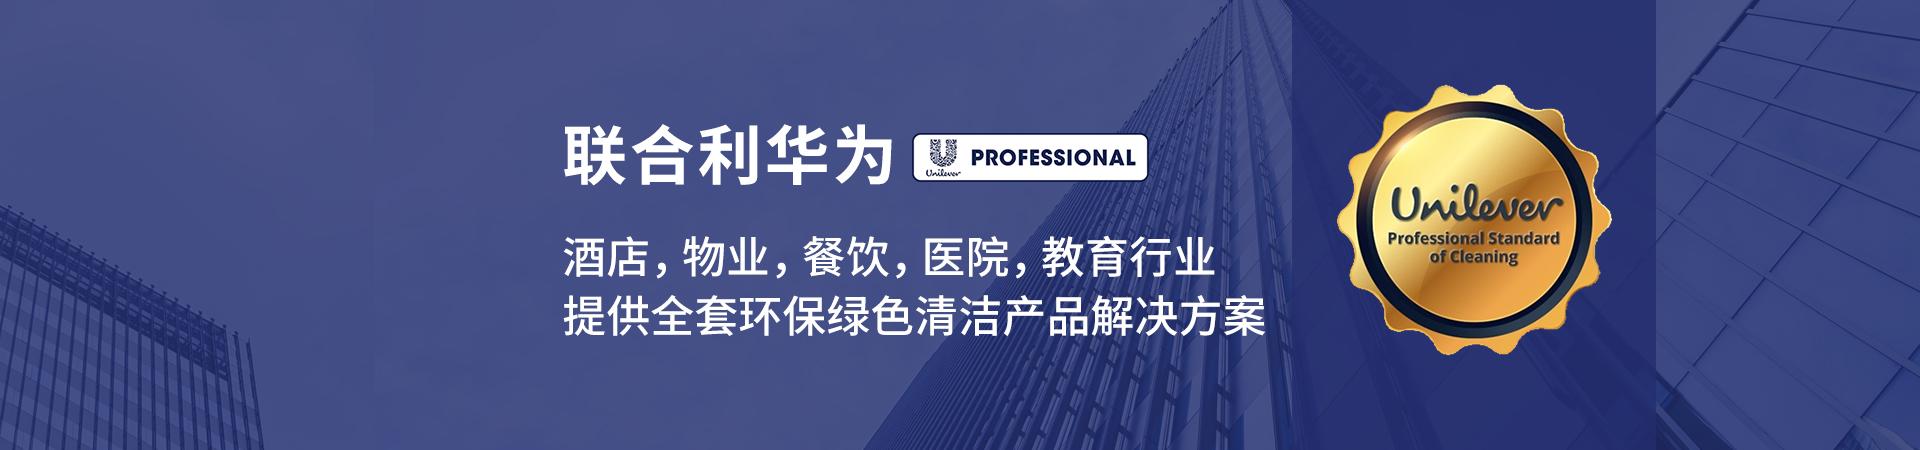 豹米環境科技(上海)有限公司pc頂部幻燈